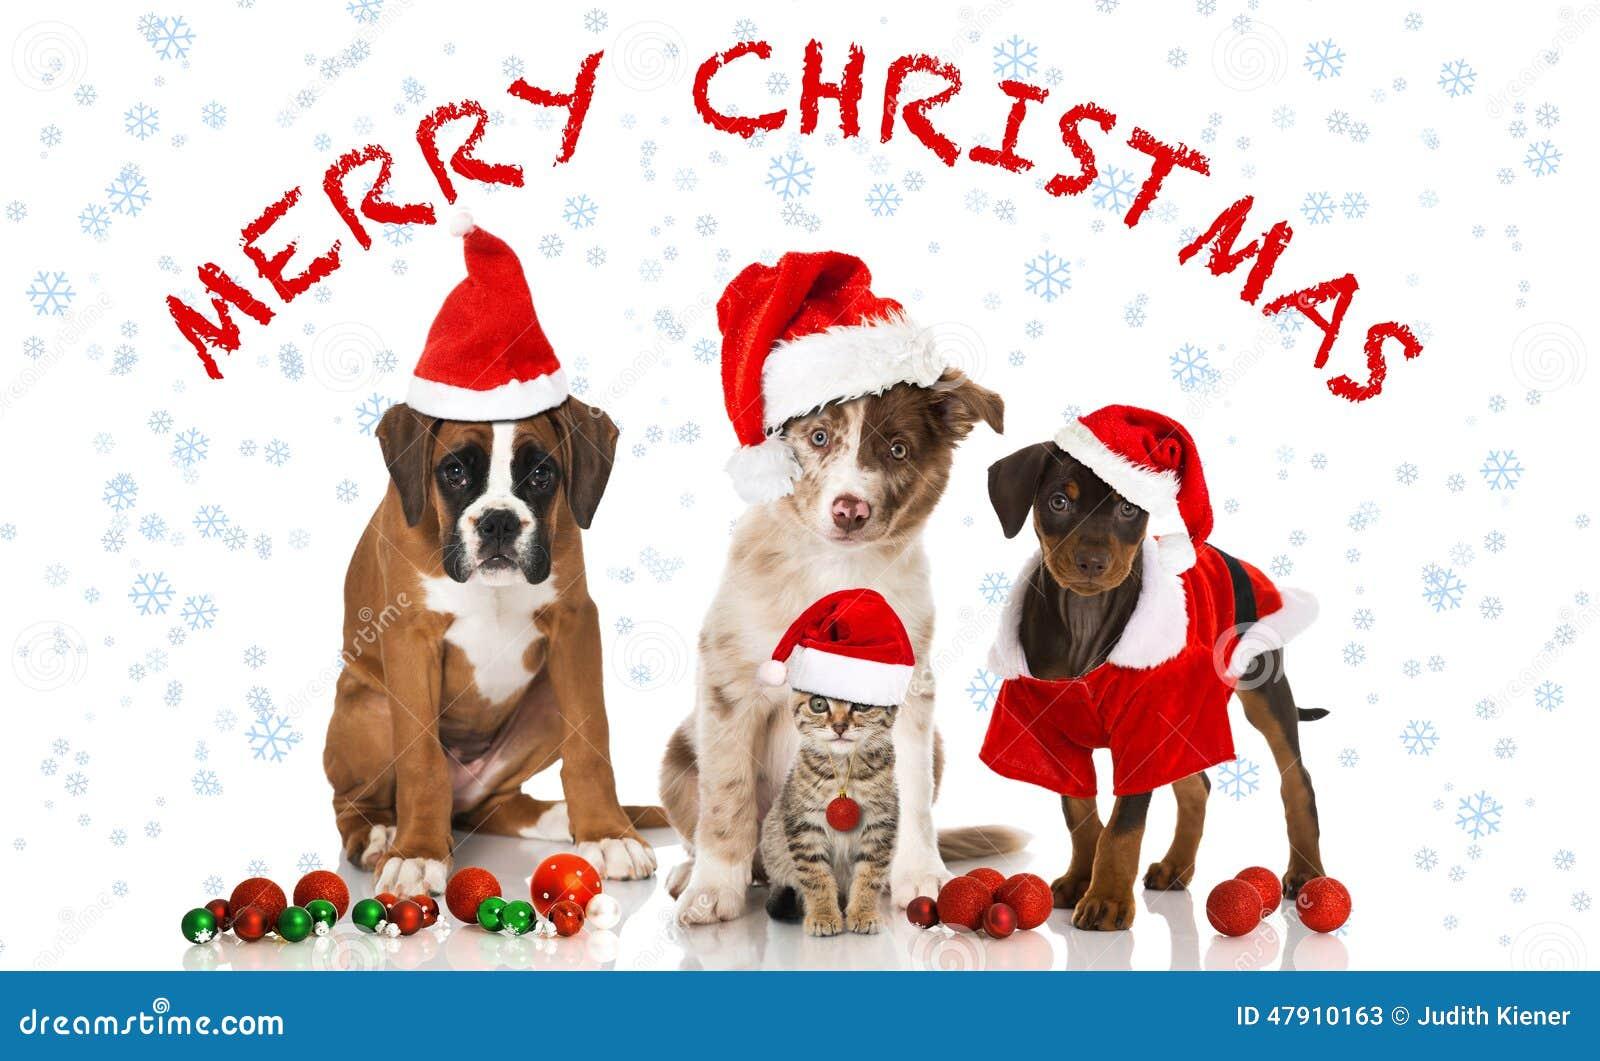 Immagini Cani Natale.Natale Gatto E Cani Immagine Stock Immagine Di Isolato